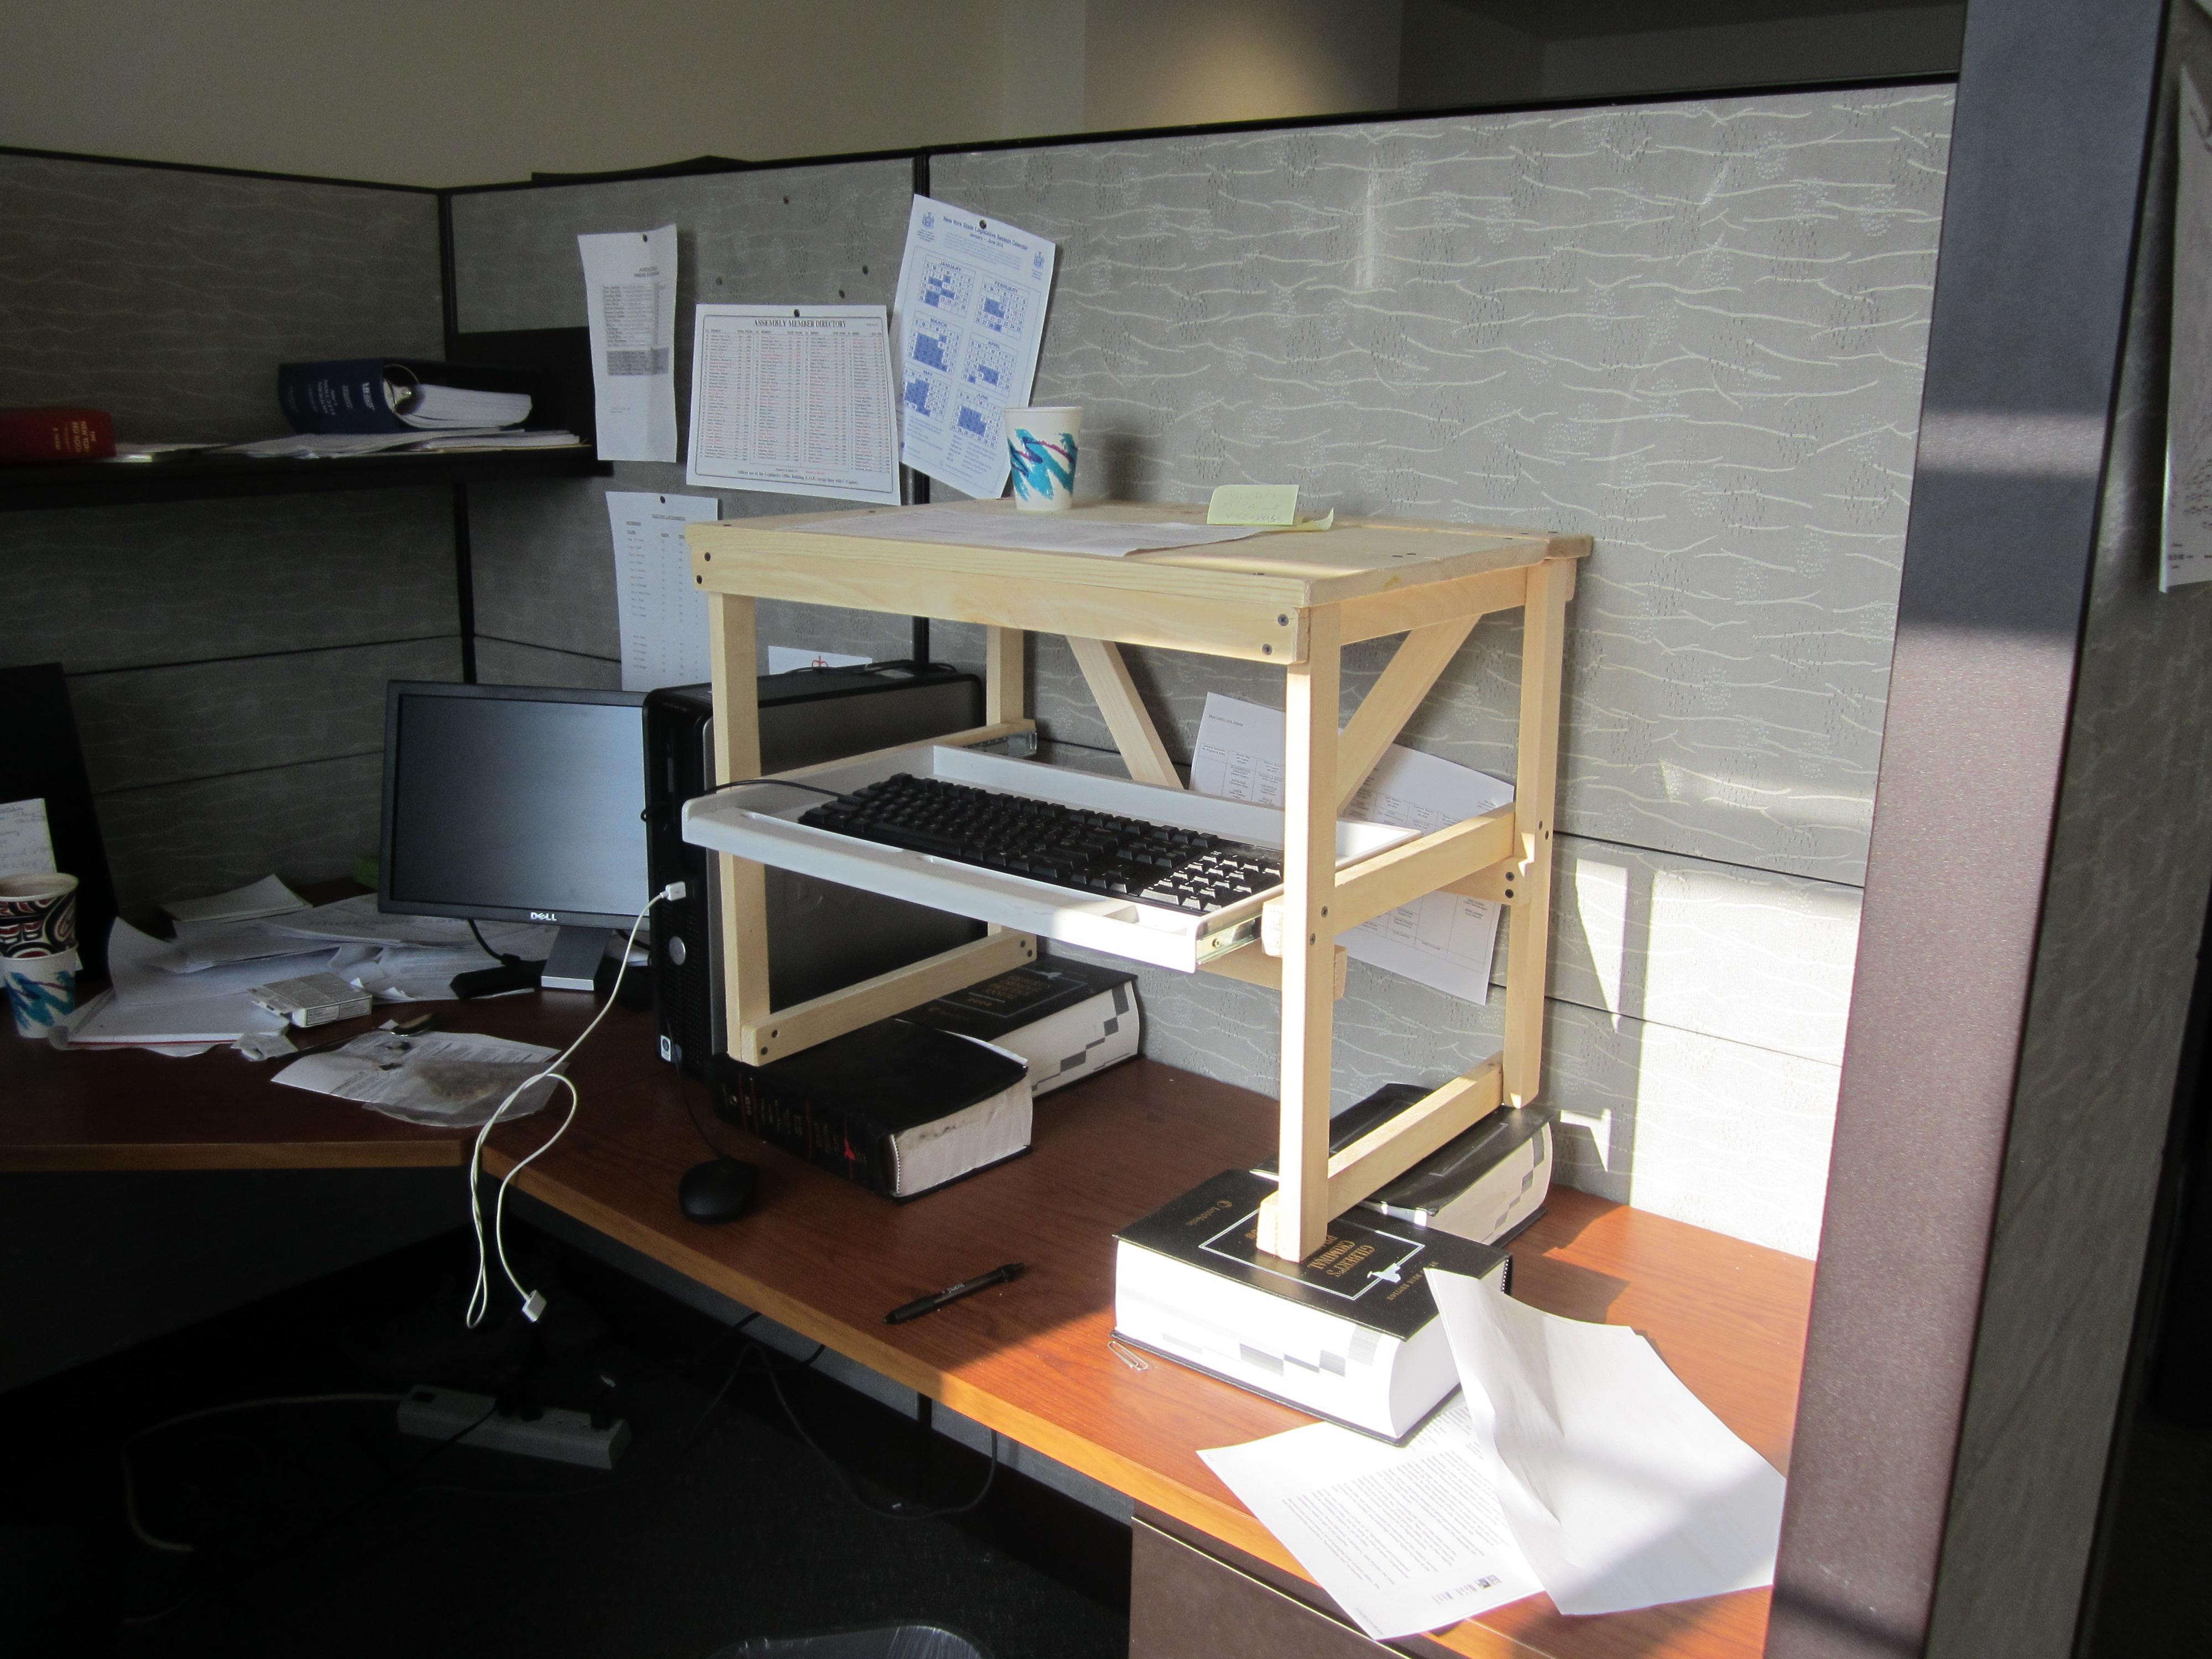 Diy standing desk plans - Stand Up Desk Number 1